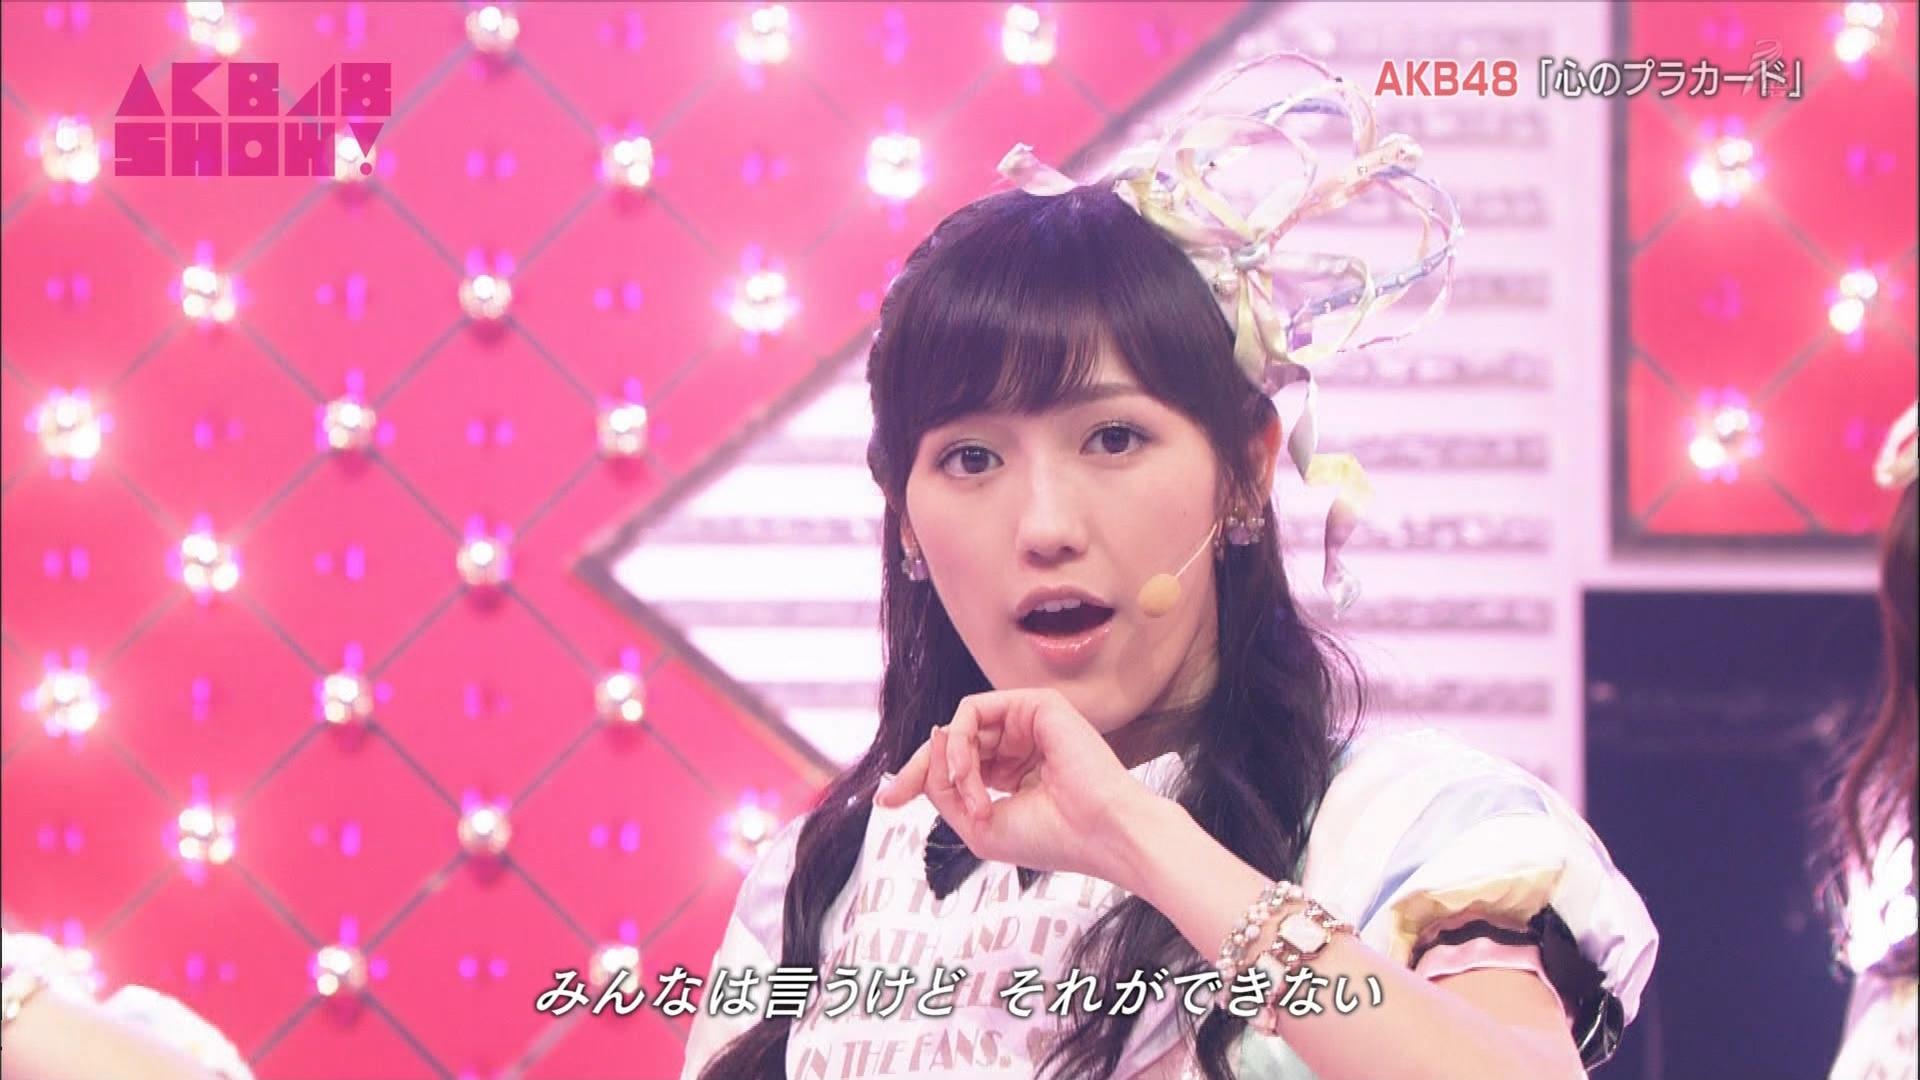 AKB48SHOW 心のプラカード 渡辺麻友 20140830 (12)